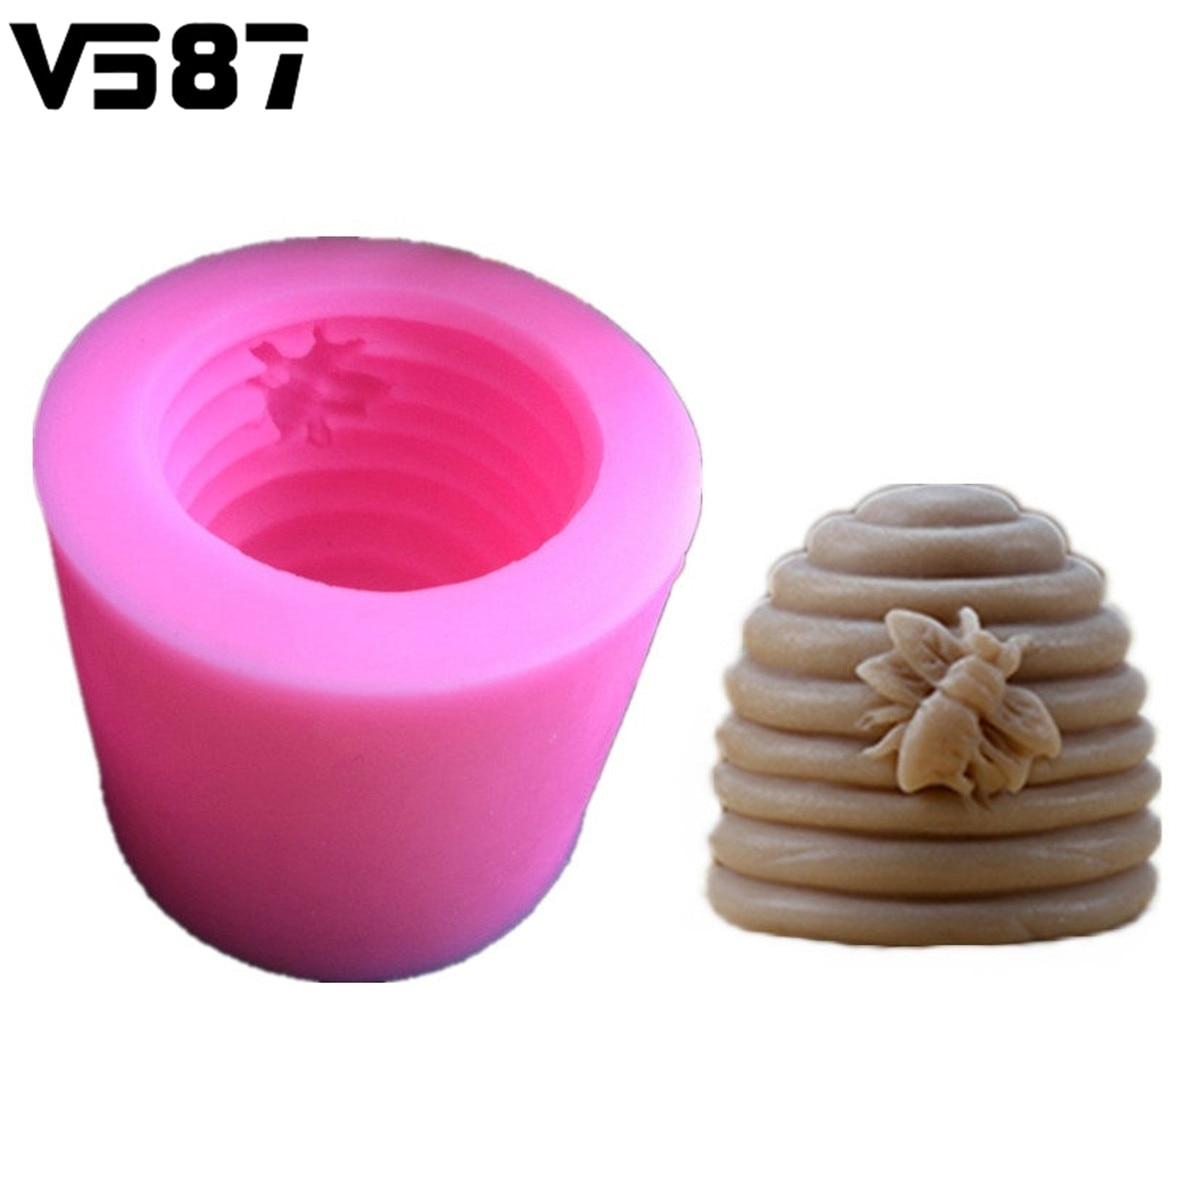 3D Bee Hive Tornillo Pastel Fondant Molde Hecho A Mano Jabón Vela Molde de Silic